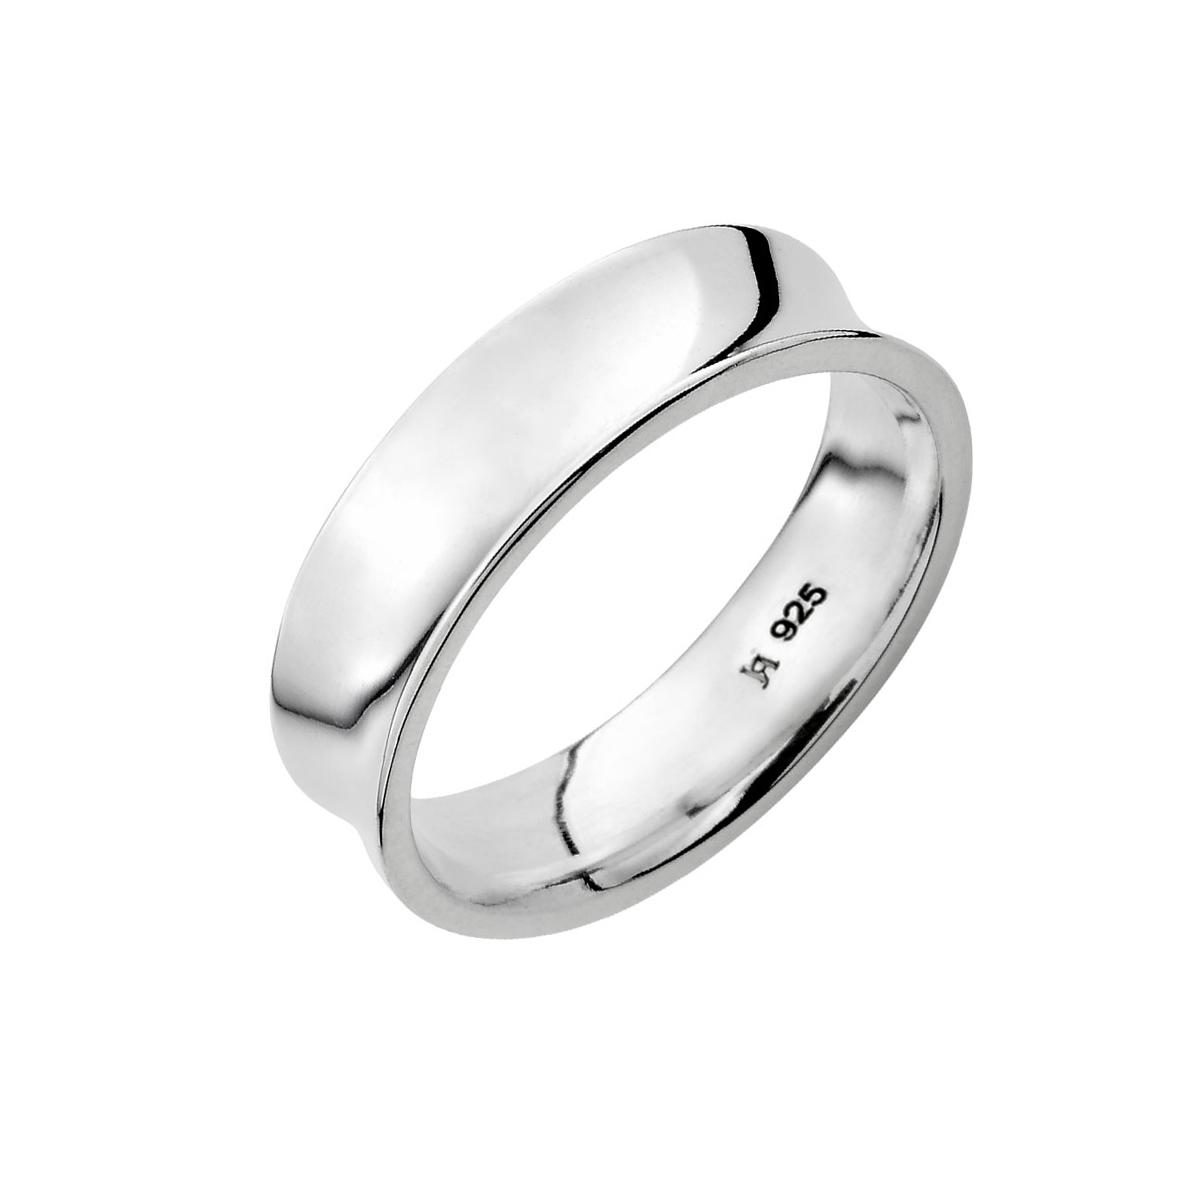 KSM80 浪漫的話語凹面戒指